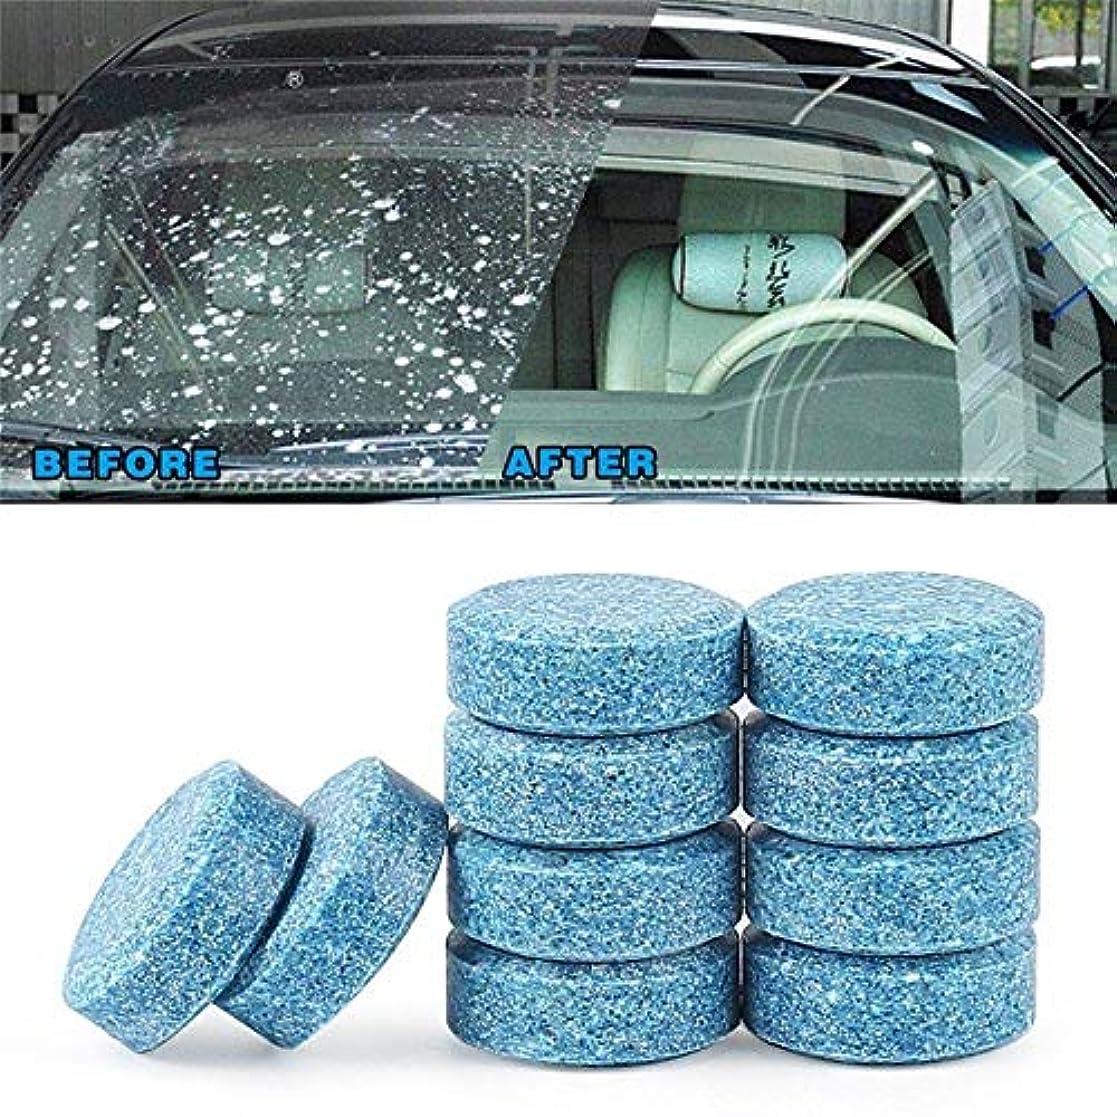 通知する内側生理10 PC車のフロントガラスクリーニング車の窓ガラスクリーナー車固体ワイパー罰金ワイパー車自動ウィンドウクリーニング